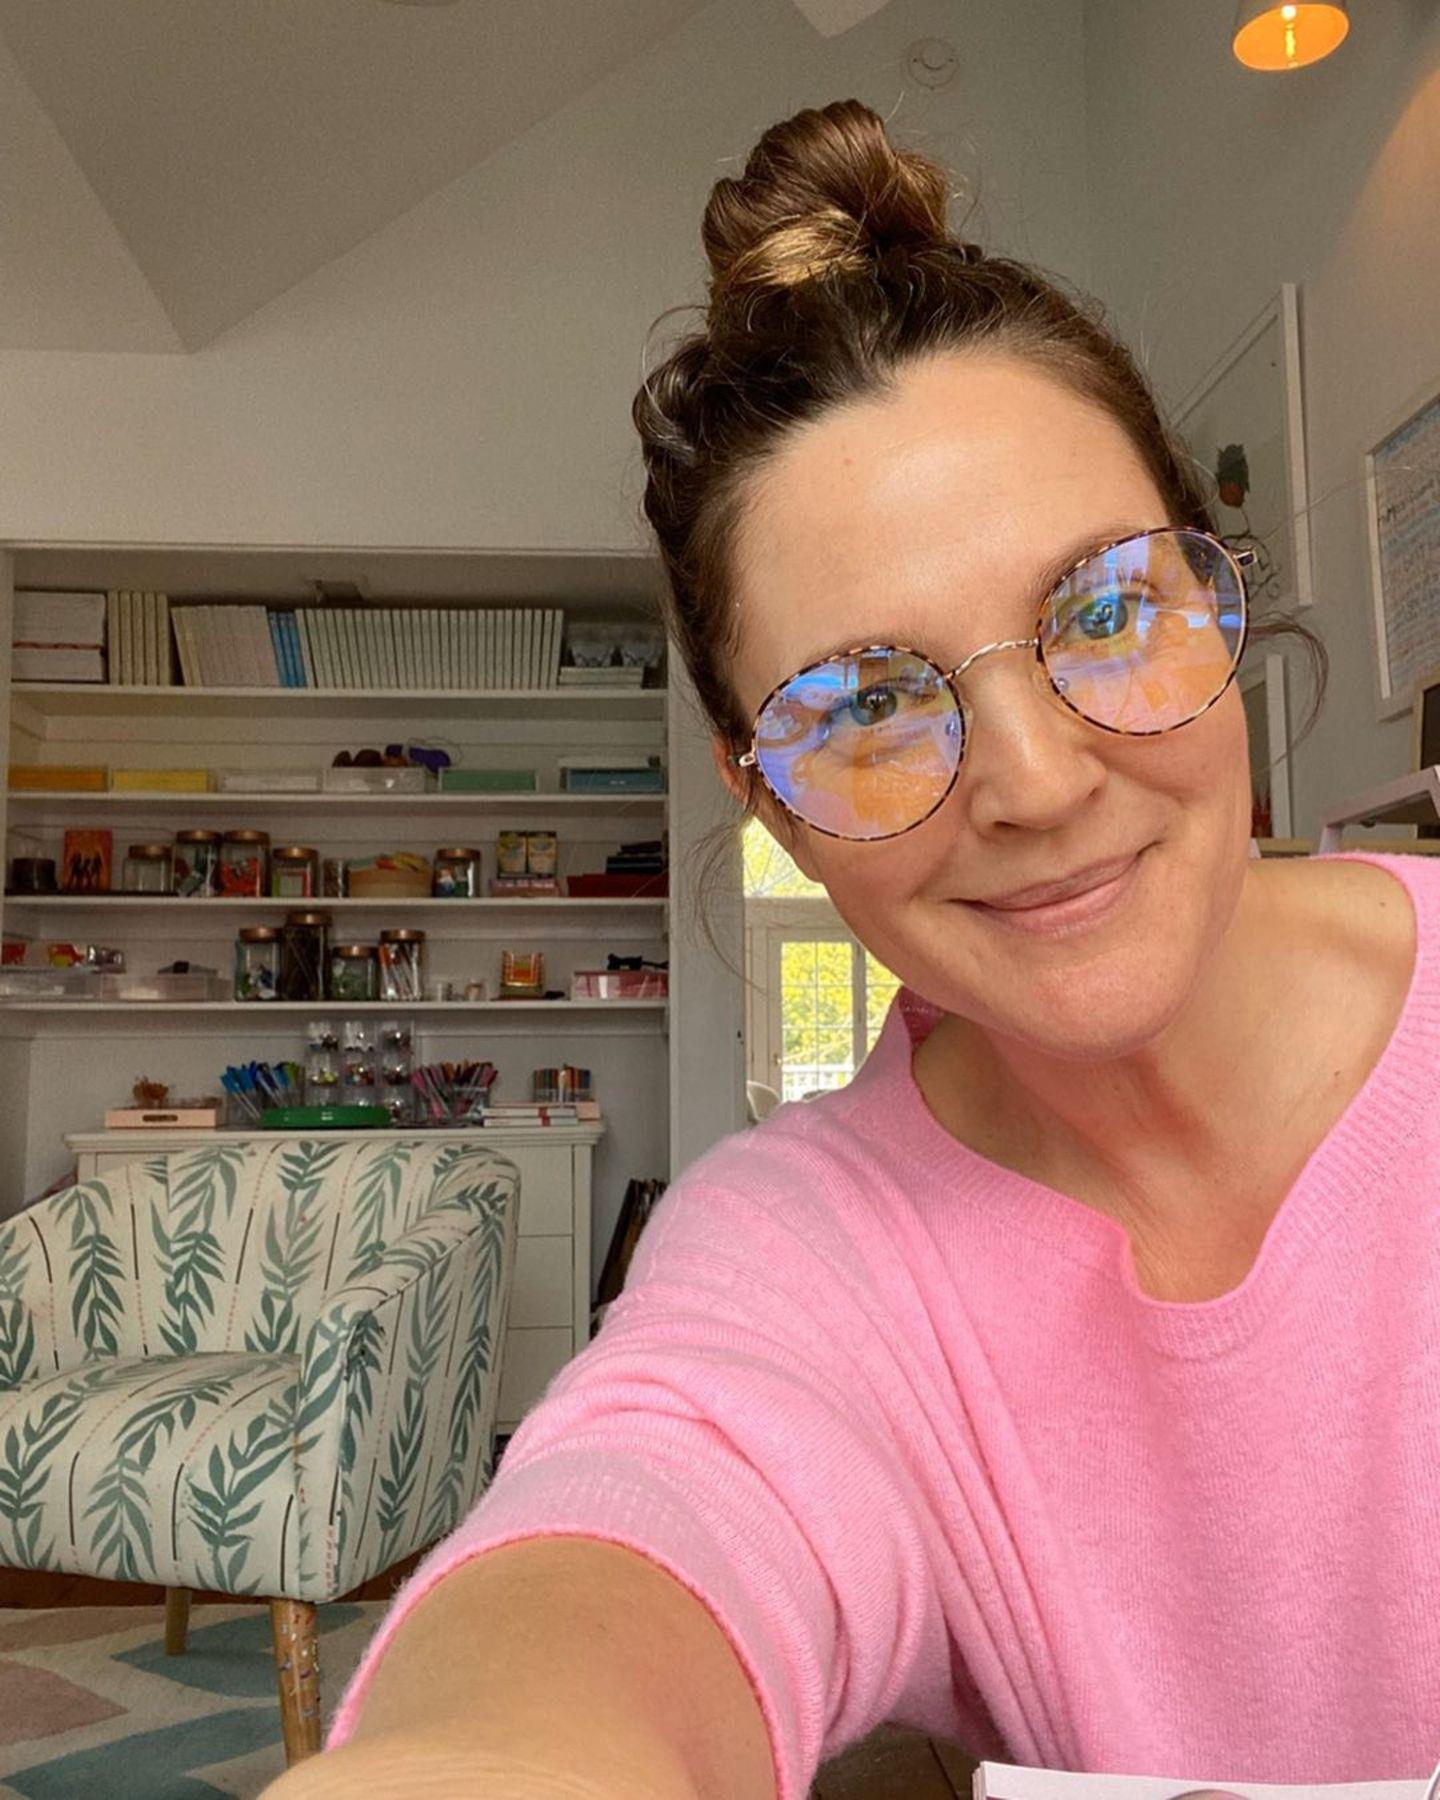 27. April 2020  Drew Barrymore ist nicht nur als Schauspielerin erfolgreich, sondern auch als Designerin und Unternehmerin , unter anderem mit ihrer Brillenkollektion. Im März 2020 hat sie die Kollektion um Arbeitsplatz-Brillen erweitert. Diese verhindern eine Überlastung der Augen bei lang anhaltender Arbeit am Computer. In Zeiten des Homeoffices in der Quarantäne eine wahre Erleichterung.